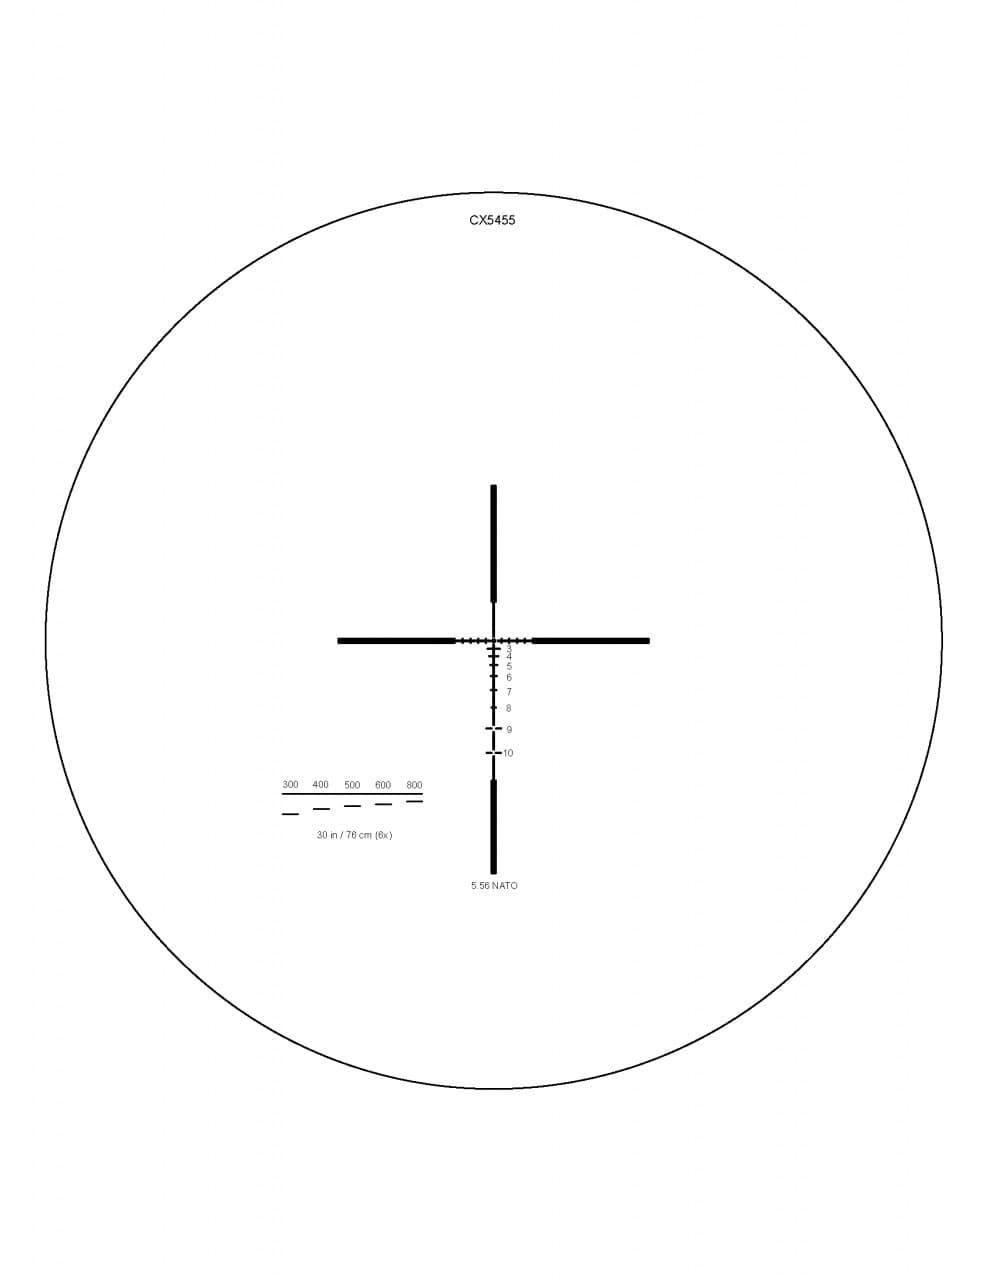 scope reticle icon